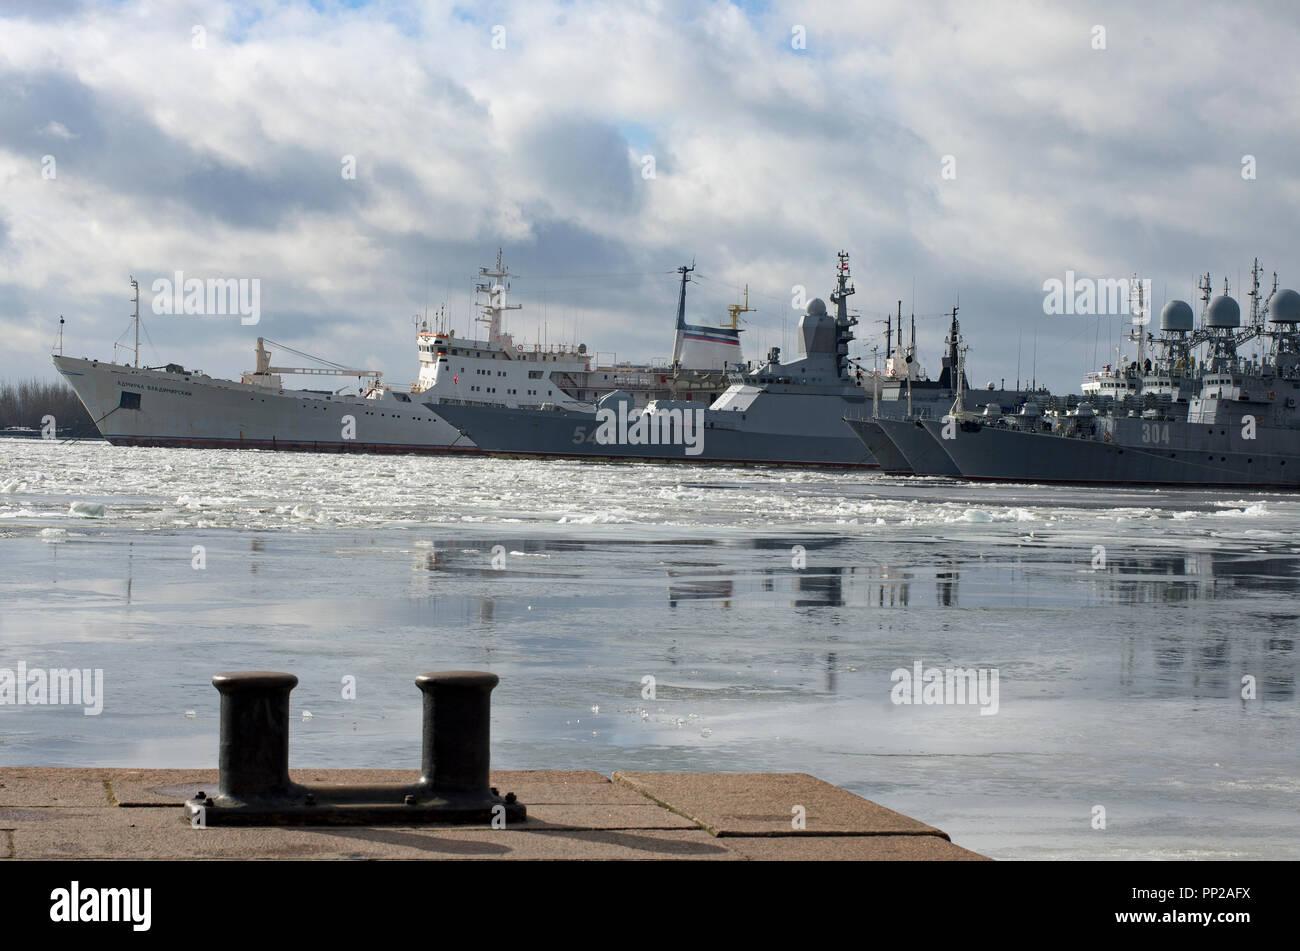 Kronstadt, St. Petersburg, Russia - March 15, 2017: The Baltic Fleet's warships and an oceanographic vessel in the frozen harbor of Kronstadt - Stock Image